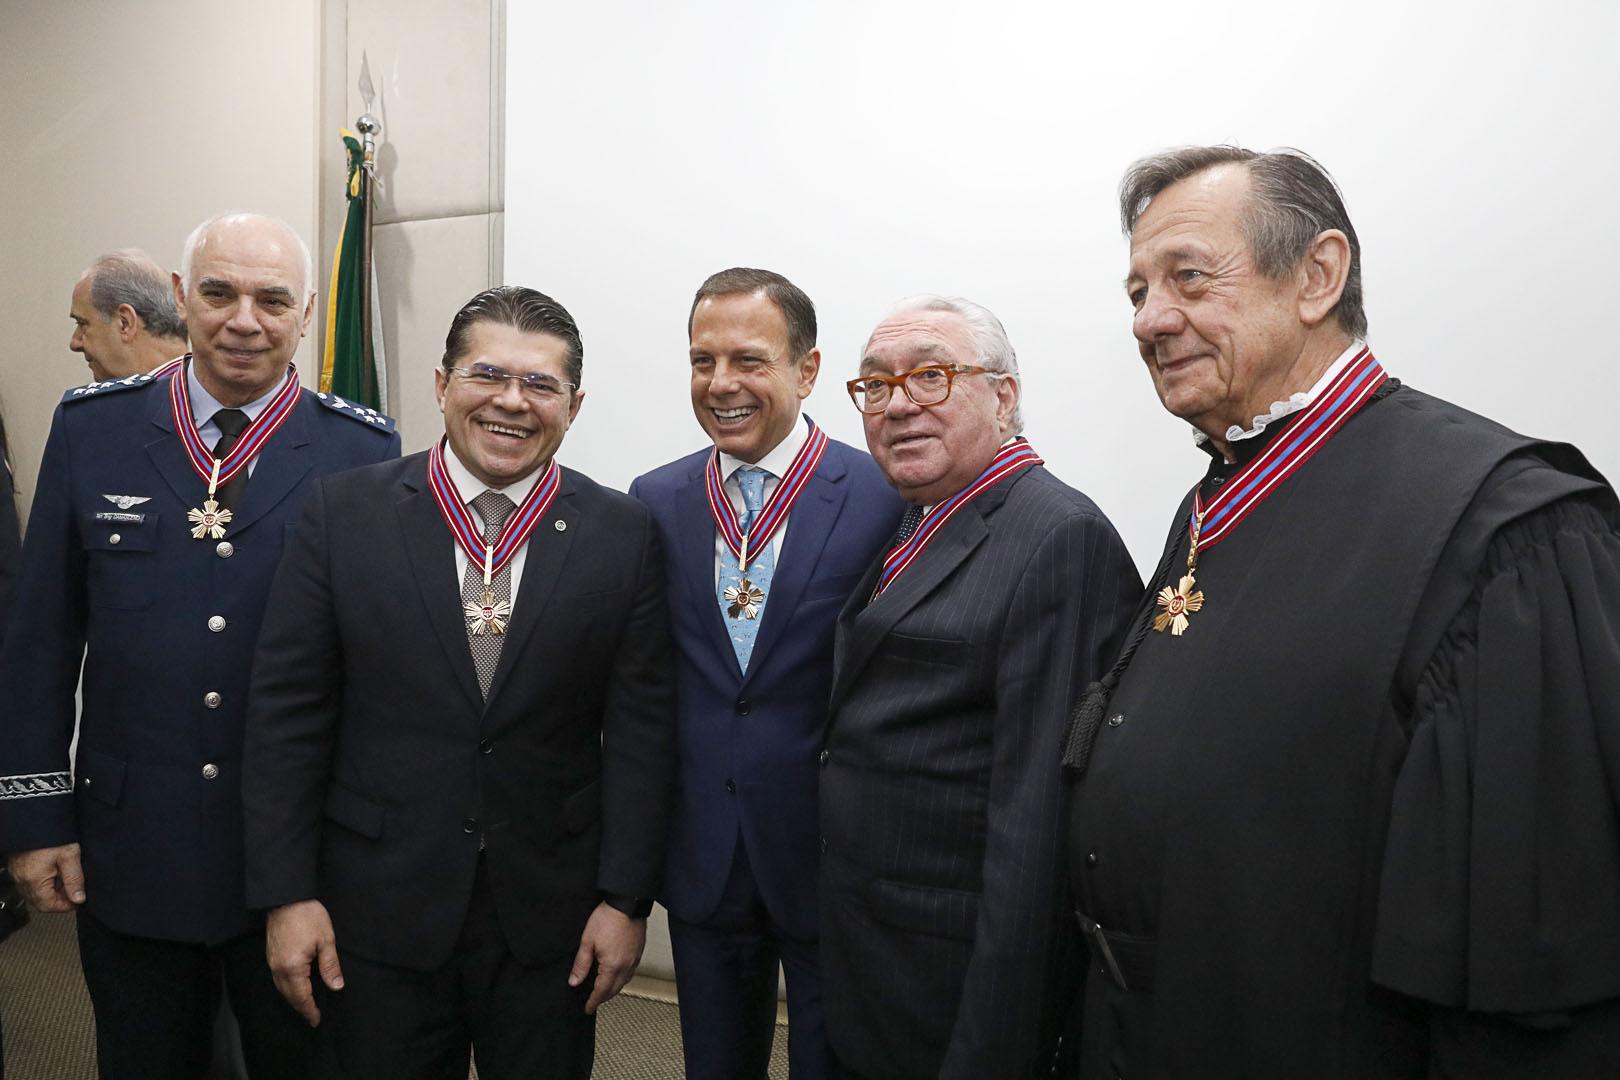 Judiciário paulista participa de cerimônia de aniversário de 82 anos do TJM-SP